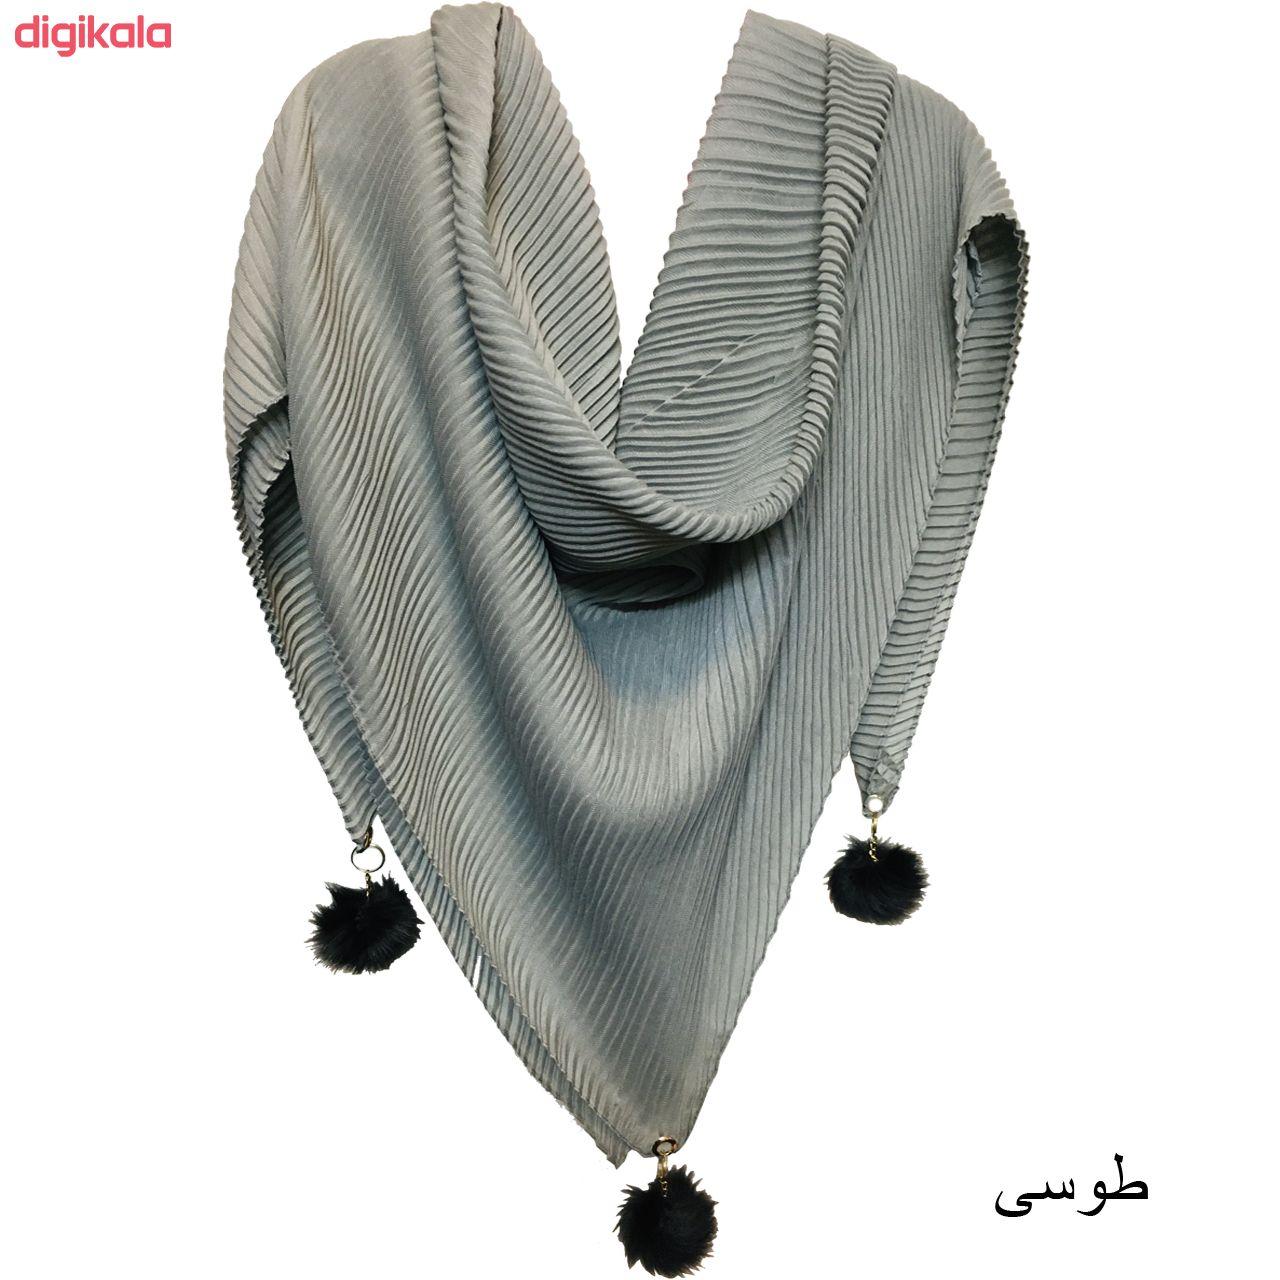 روسری زنانه کد 0206 main 1 1